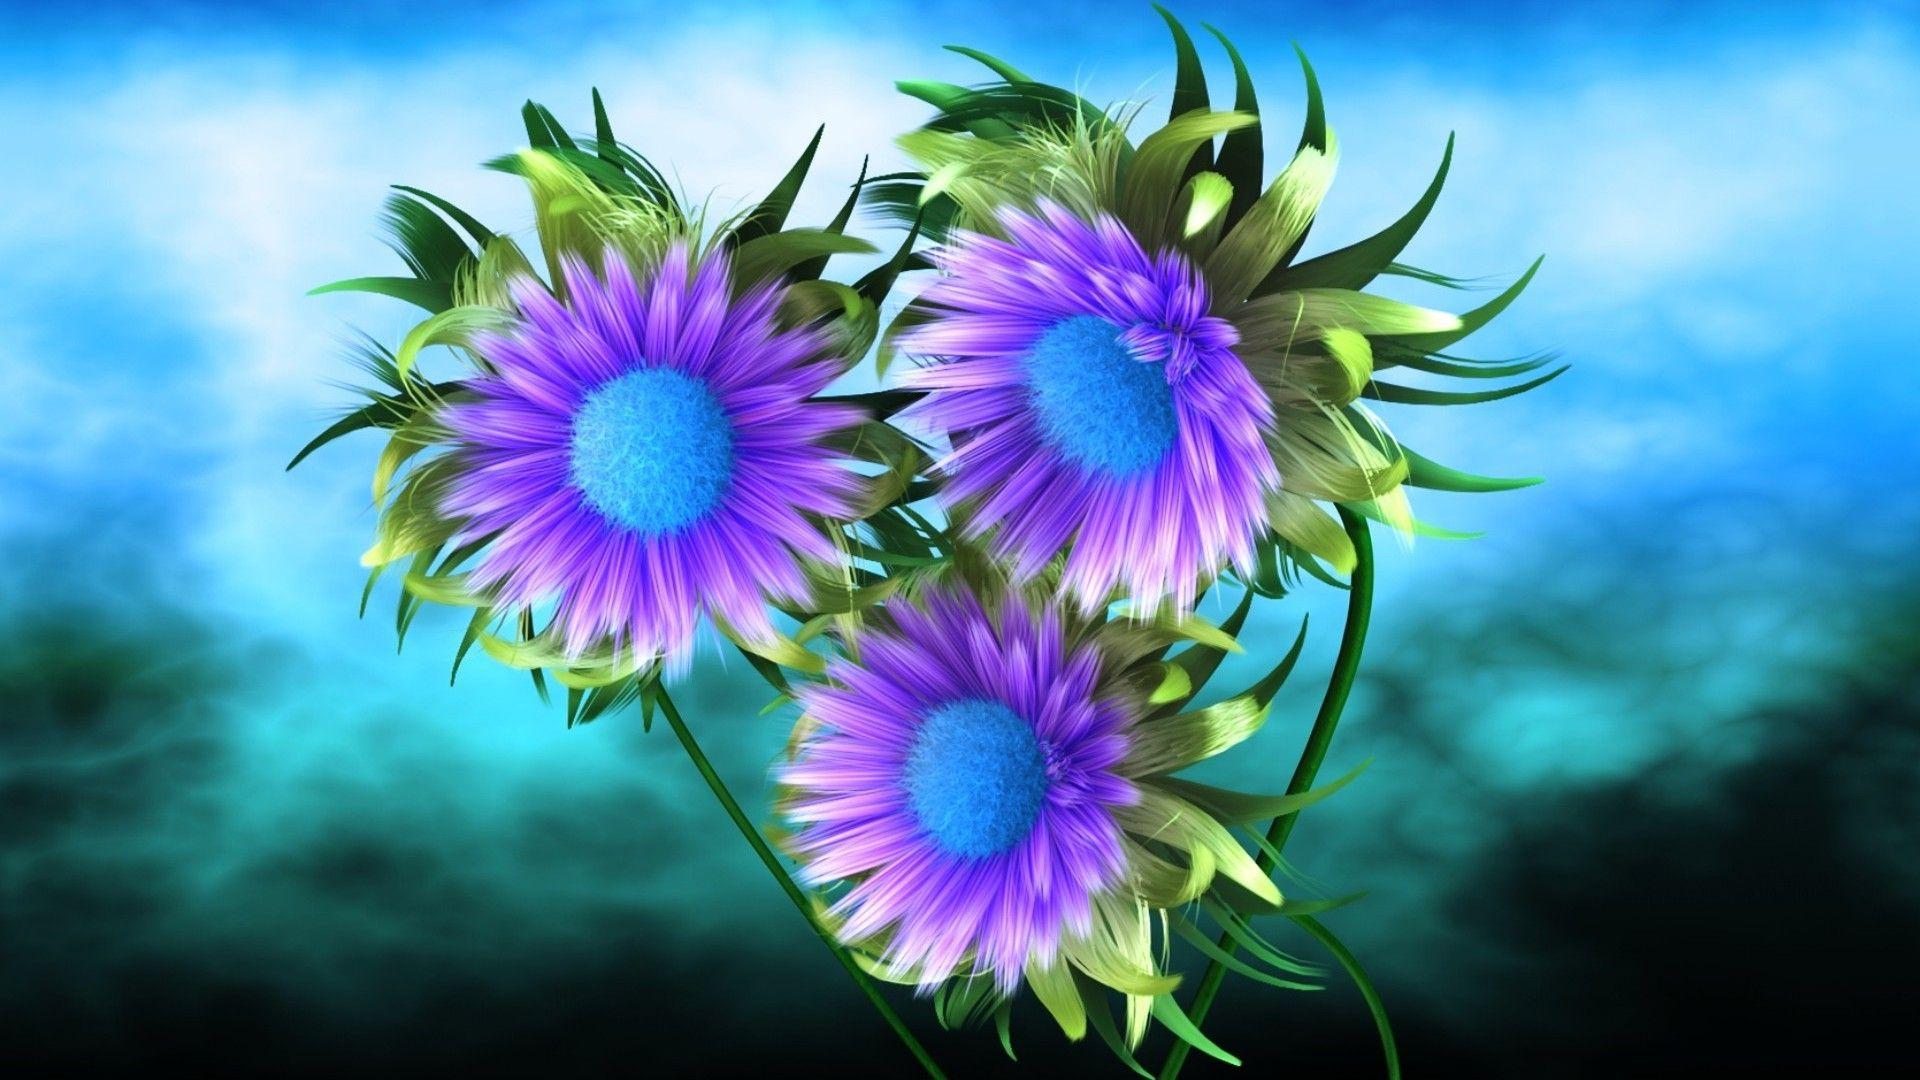 3d Purple Flower Wallpaper Best Hd Wallpapers Purple Flowers Wallpaper Purple Flowers Flower Wallpaper Fantastic flower wallpaper 3d